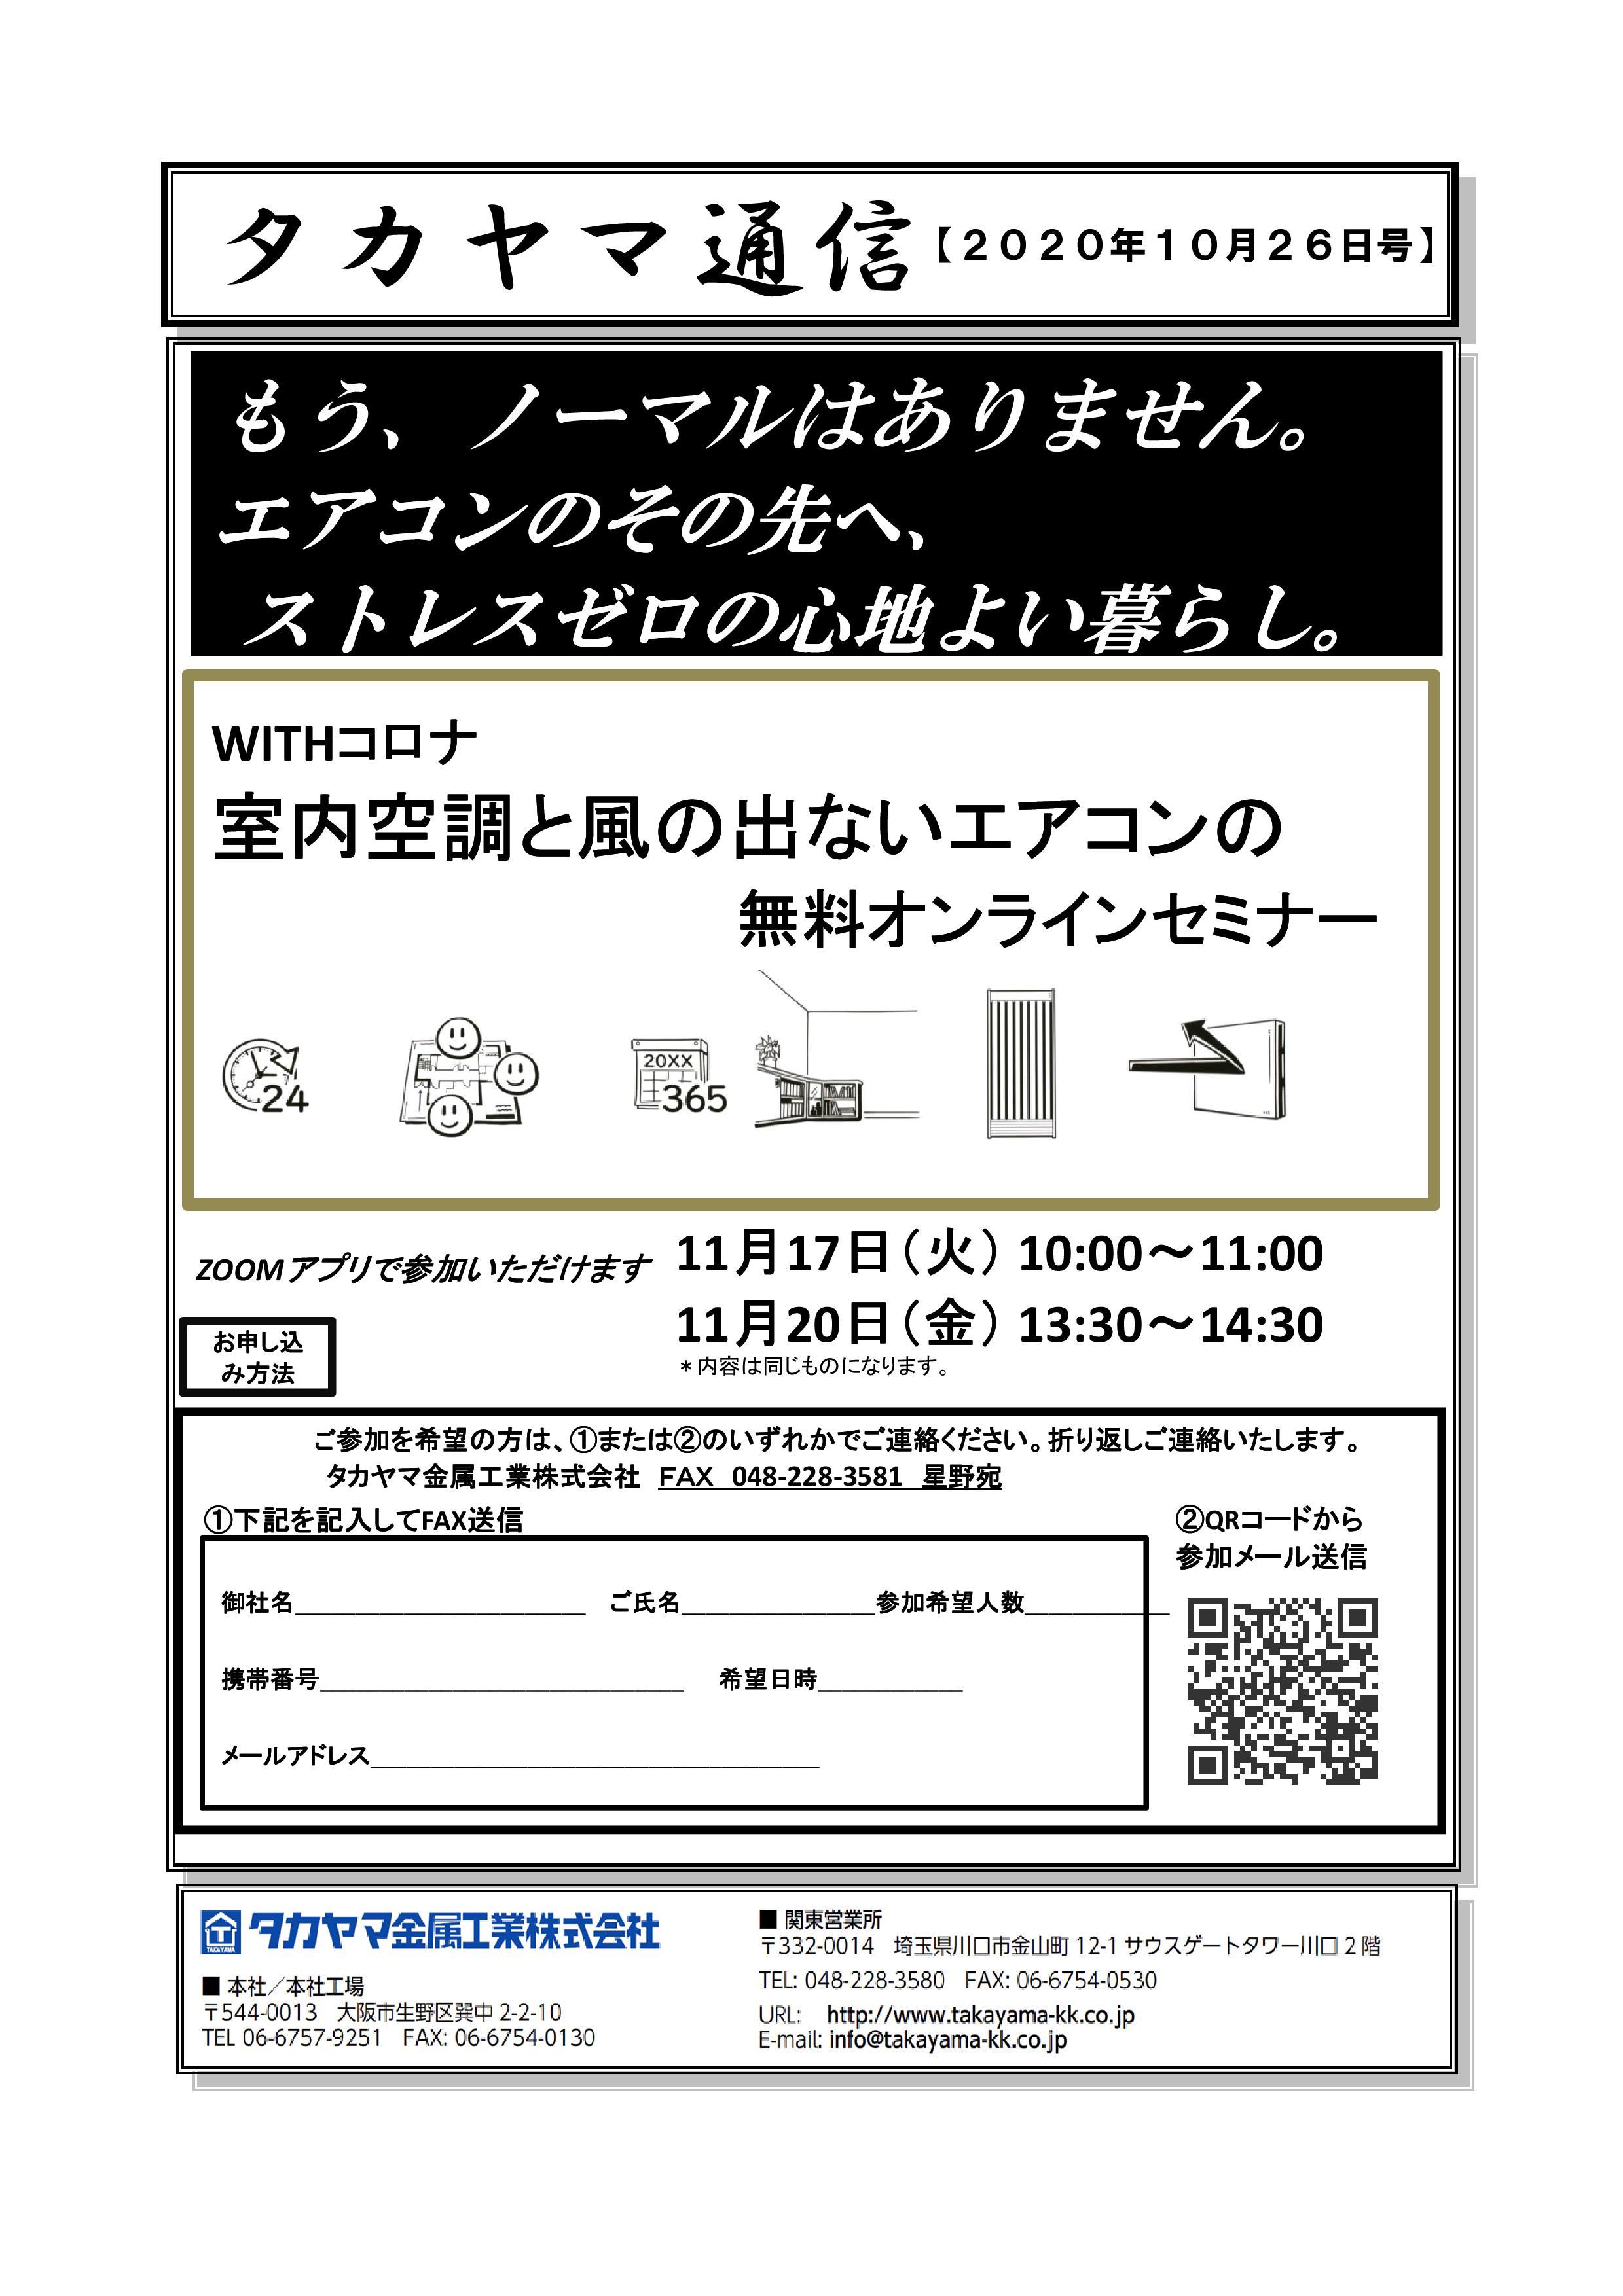 FUTAEDA勉強会告知②(10月26日号)